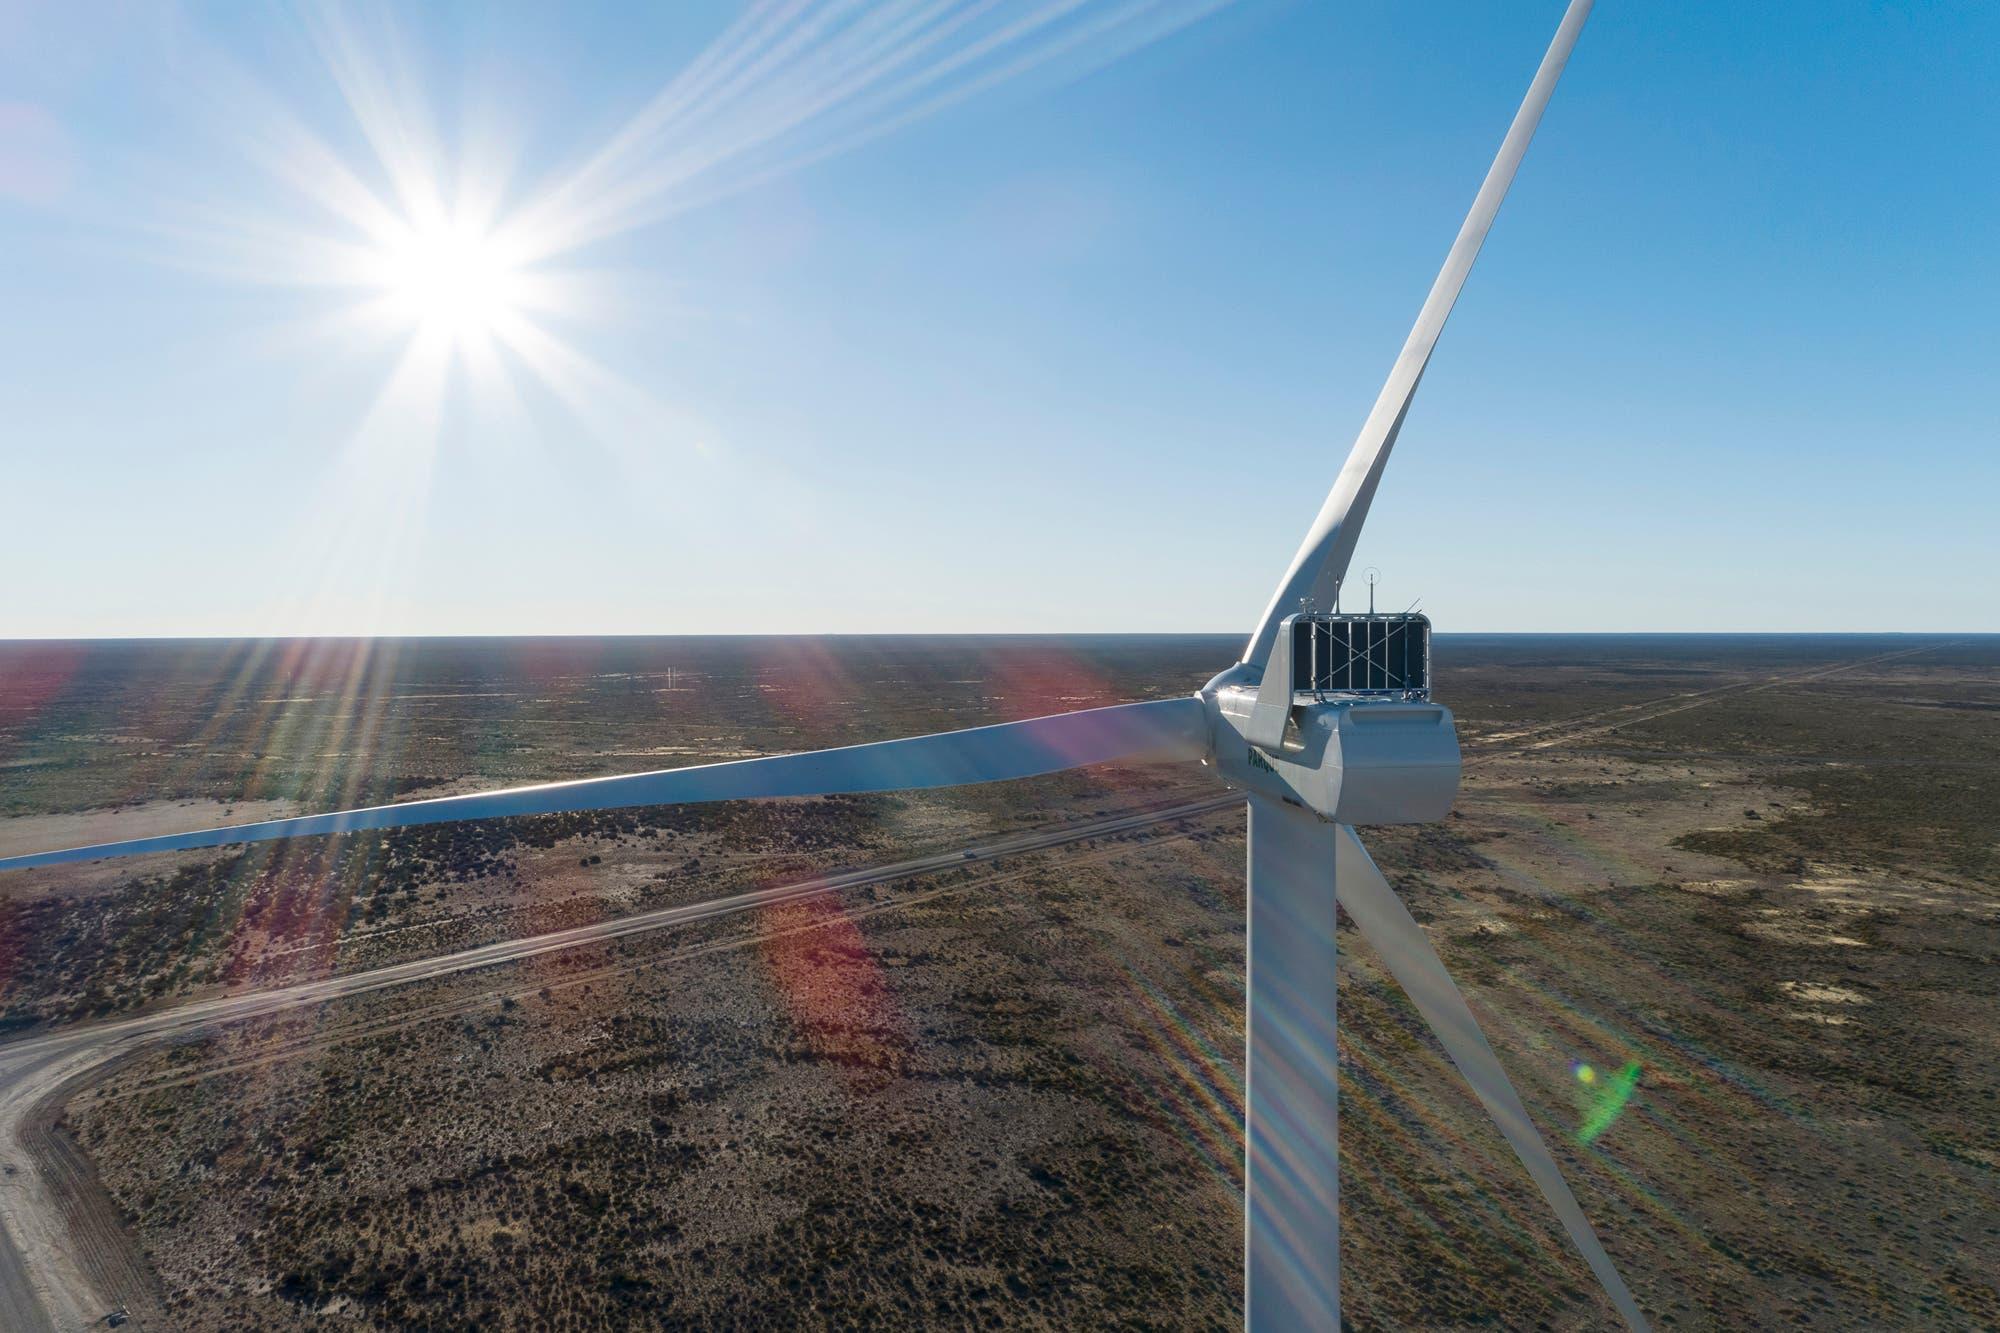 Energía eólica. Los desafíos de la industria más allá de la coyuntura